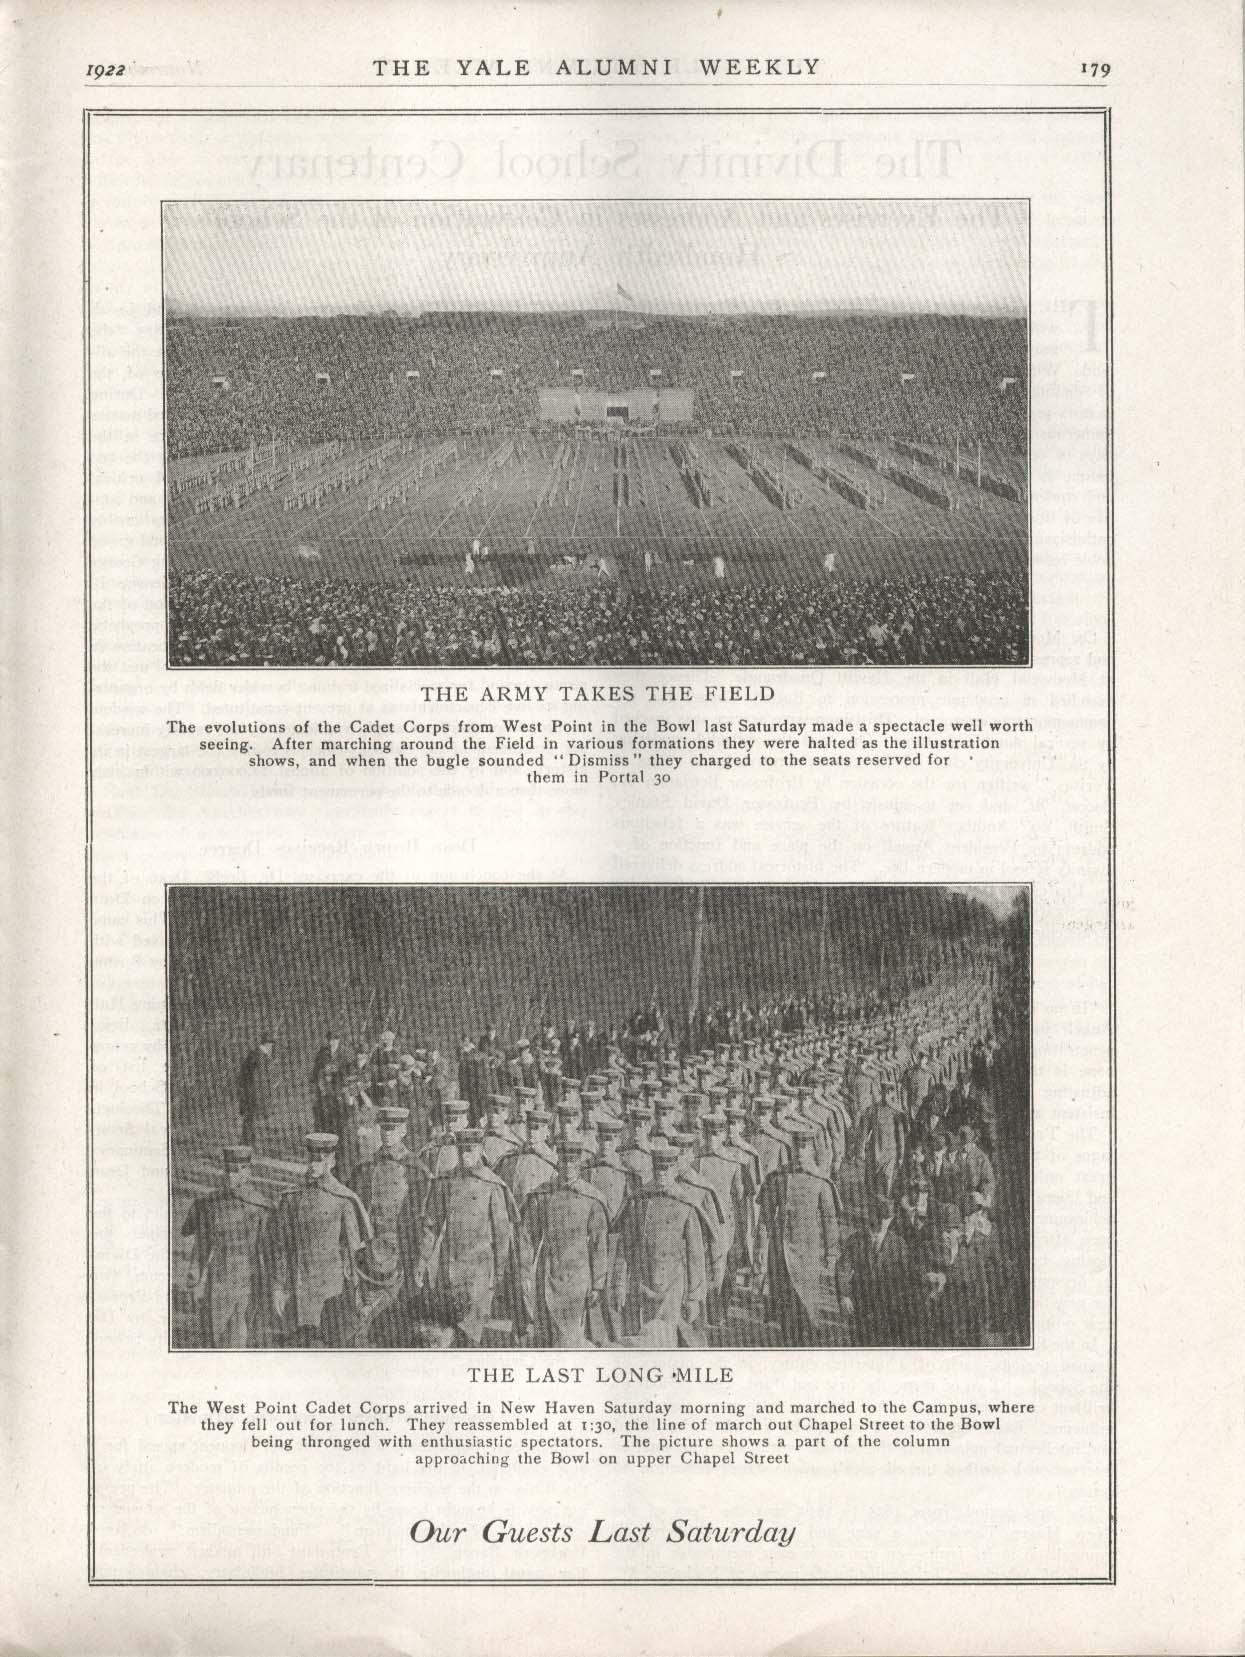 YALE ALUMNI WEEKLY Yale 7-7 West Point Army football 11/3 1922